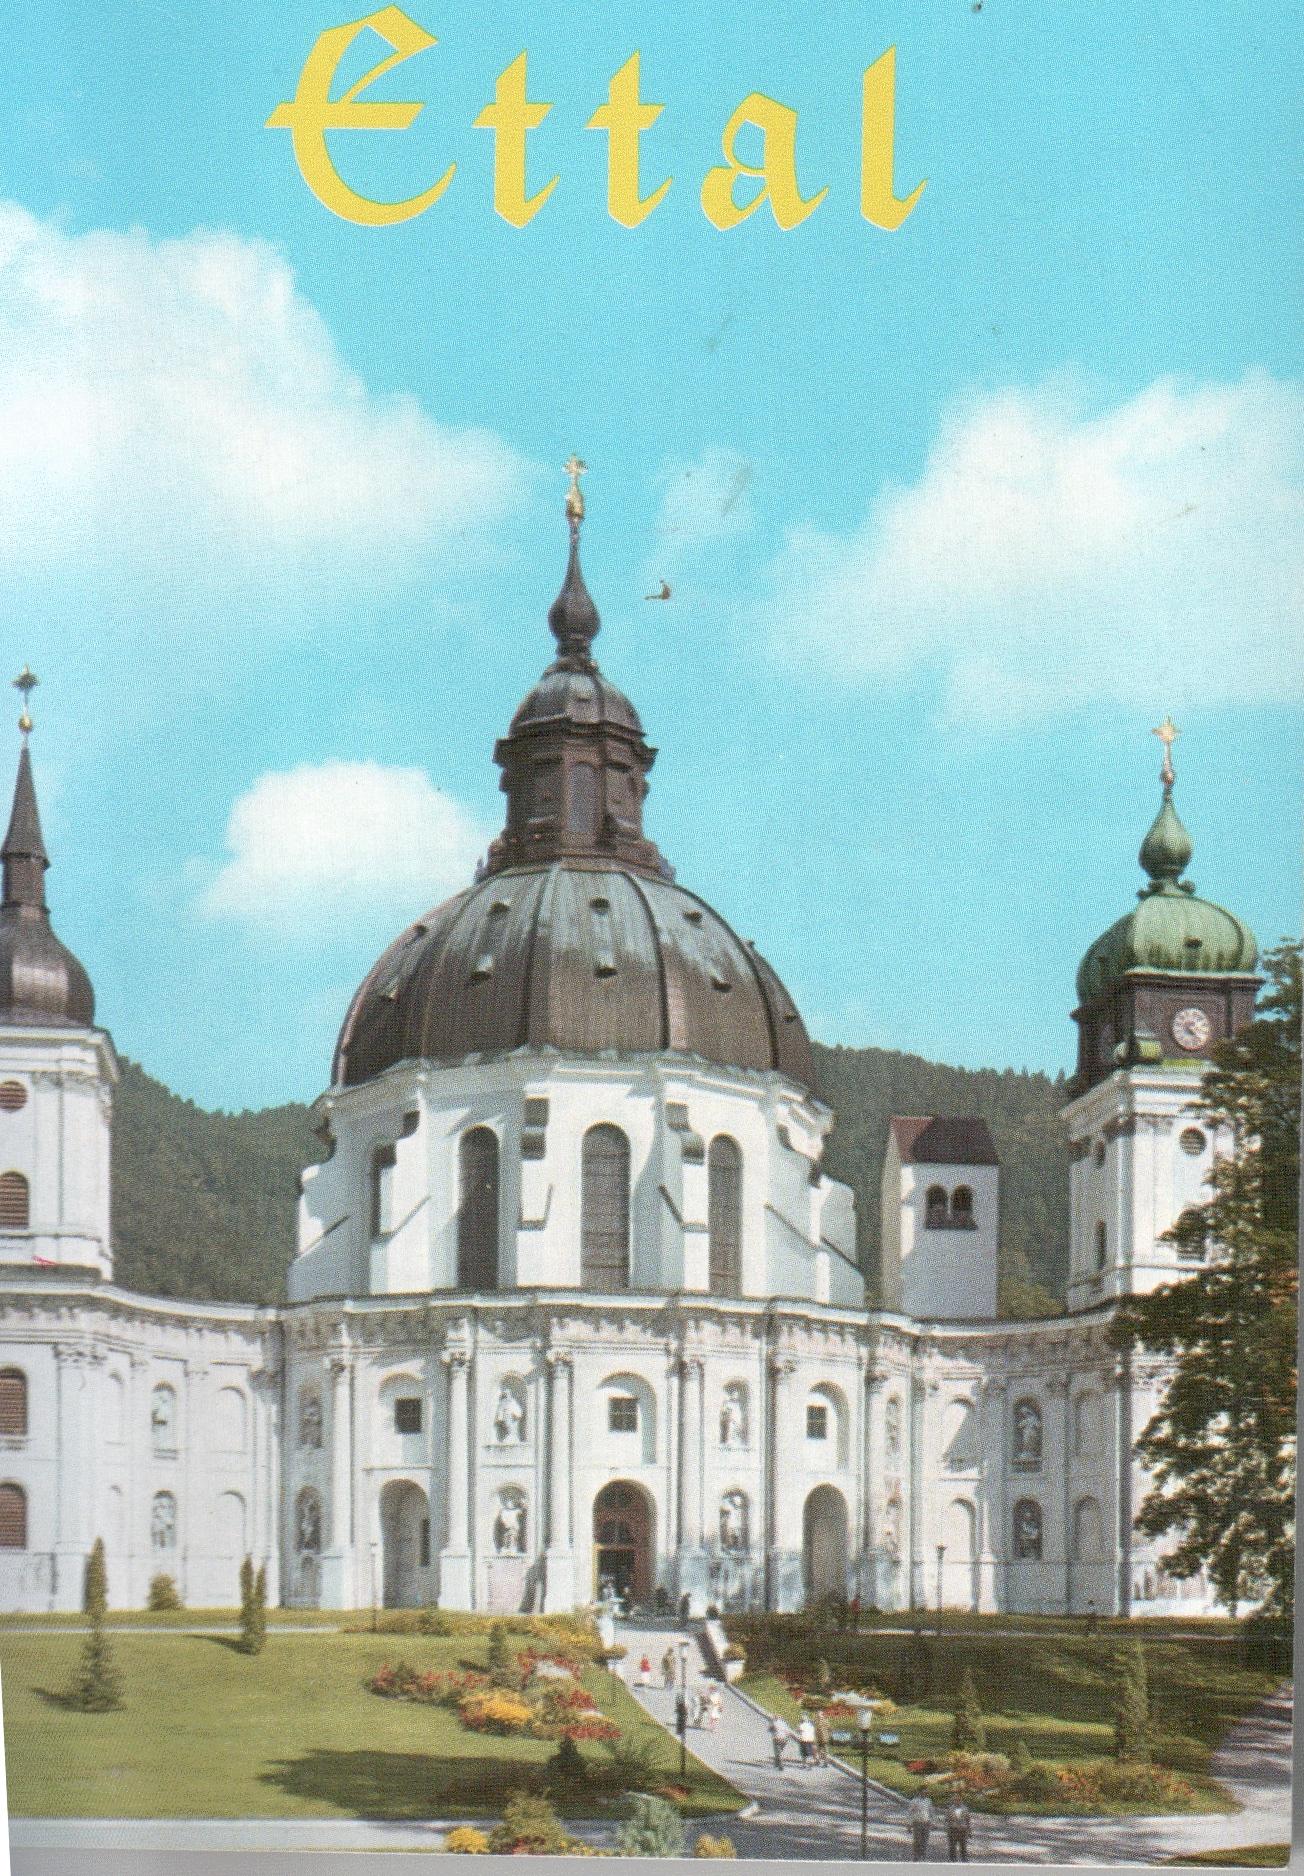 Ettal Basilica